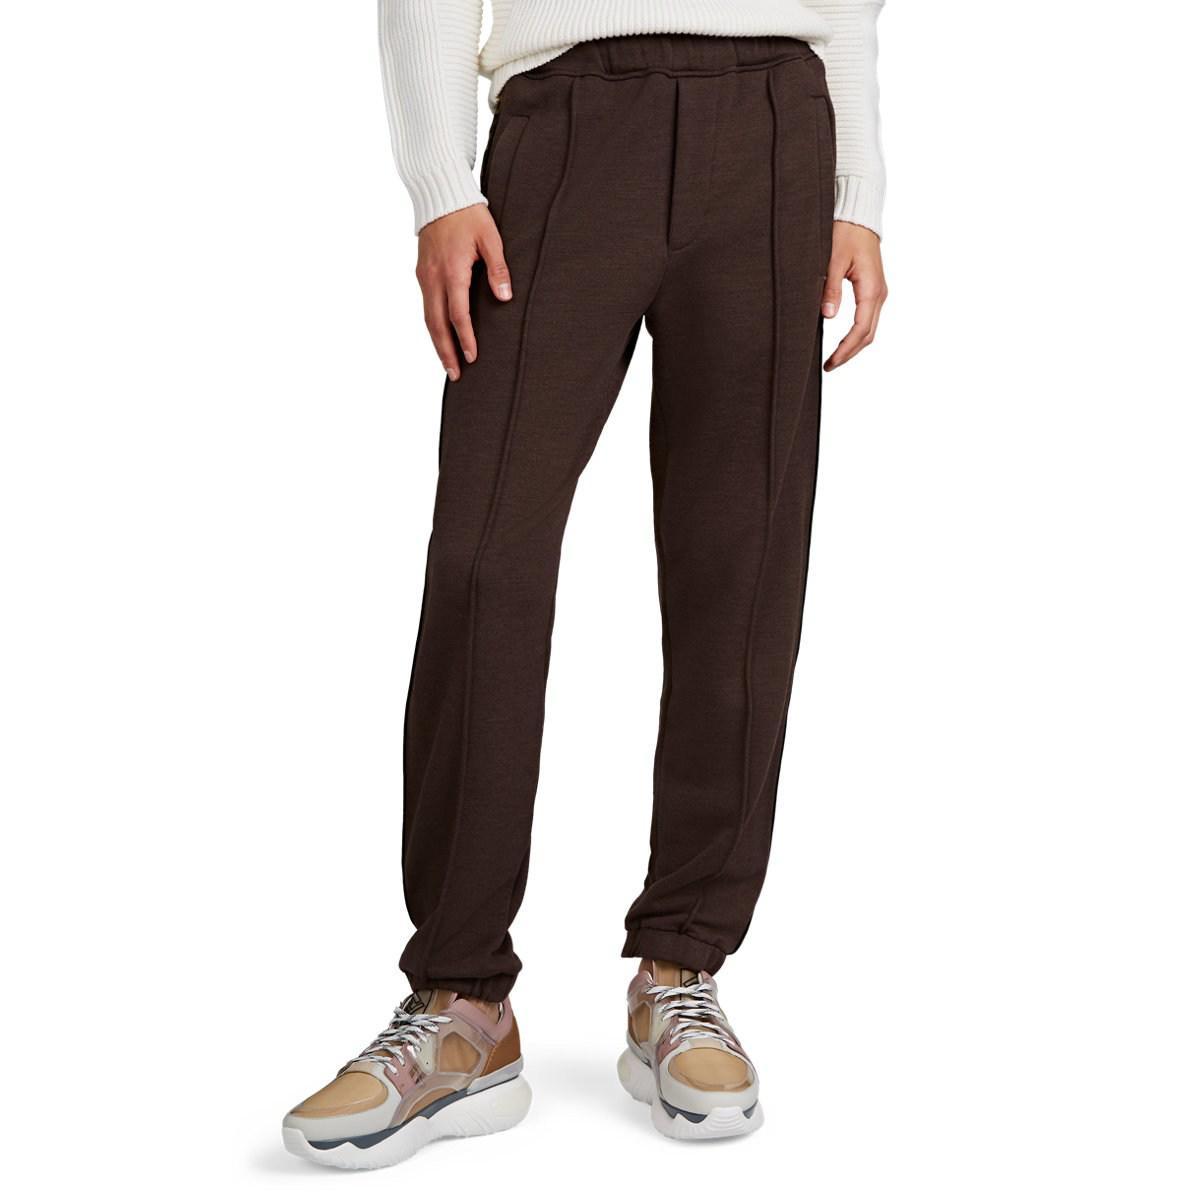 52f6aaff66e9 Fendi Logo-striped Cotton-blend Fleece Sweatpants in Brown for Men ...